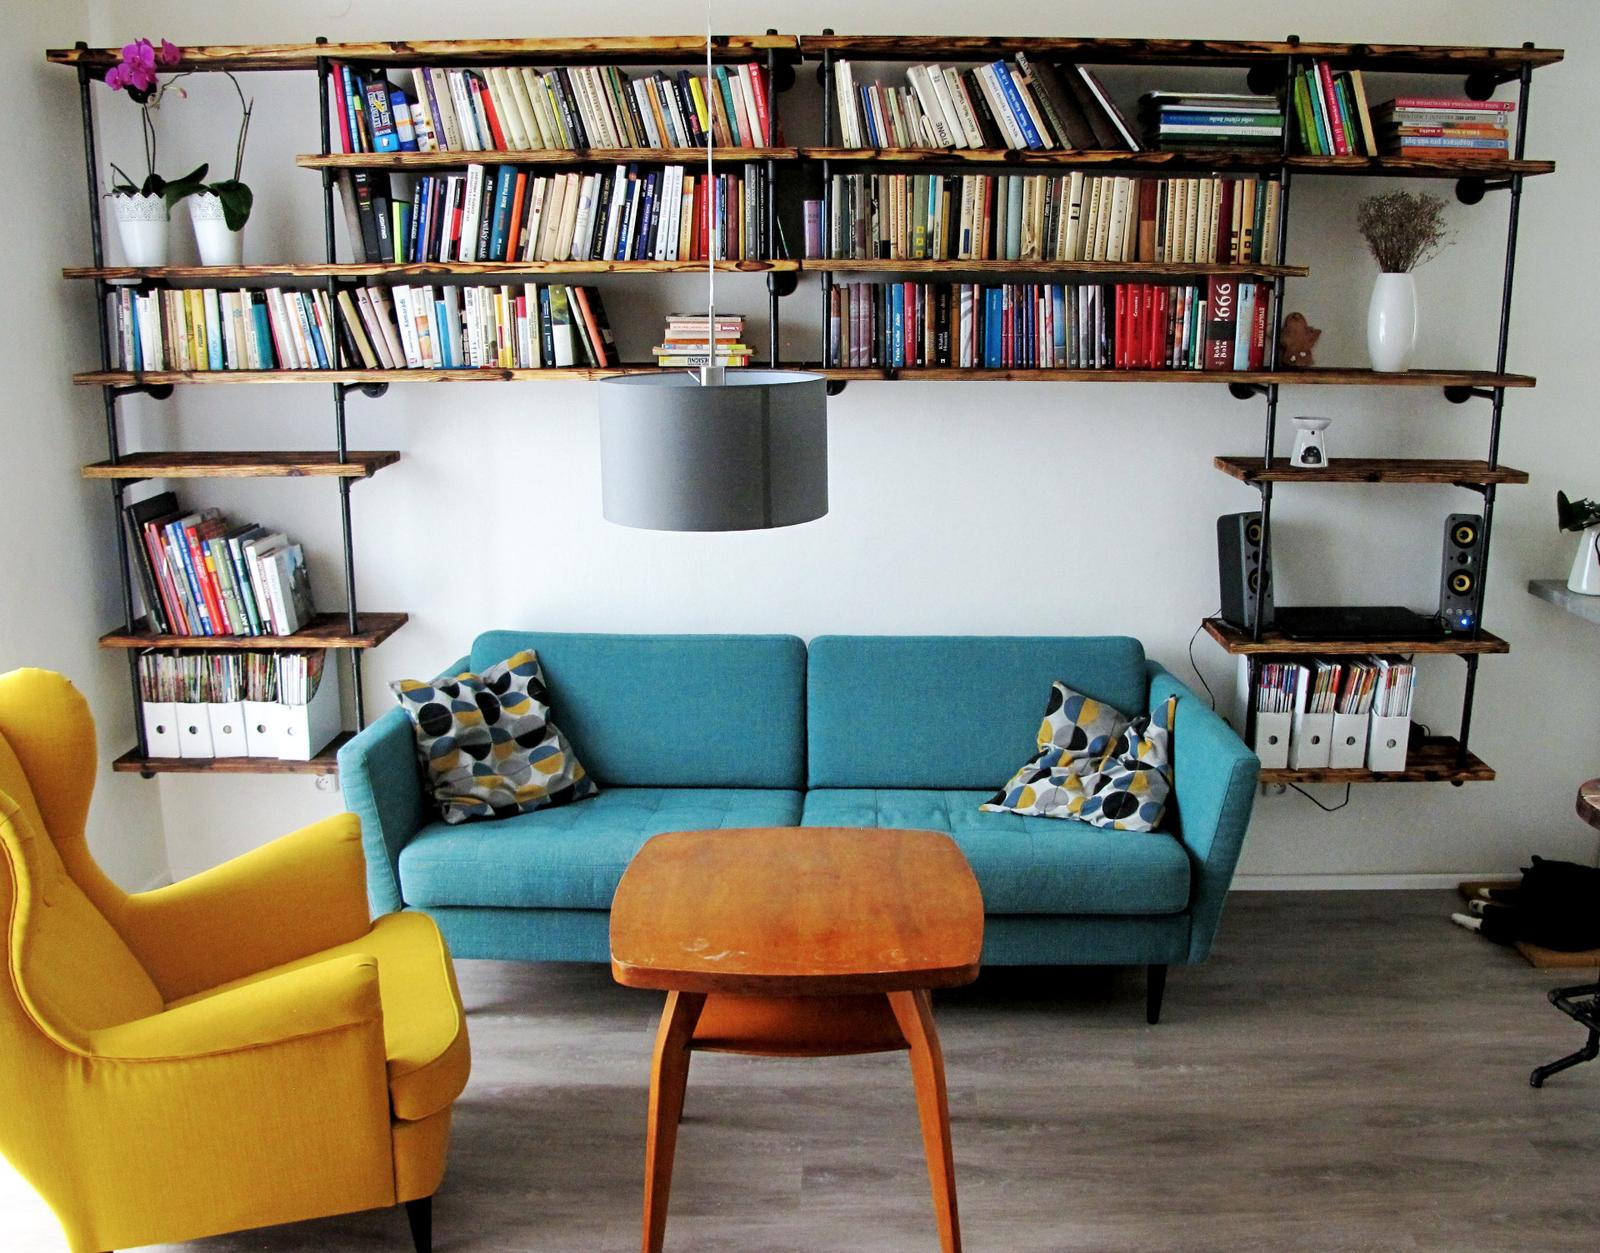 Obývák pro knihomoly - stolek ceka na zasah bebo vymenu :)